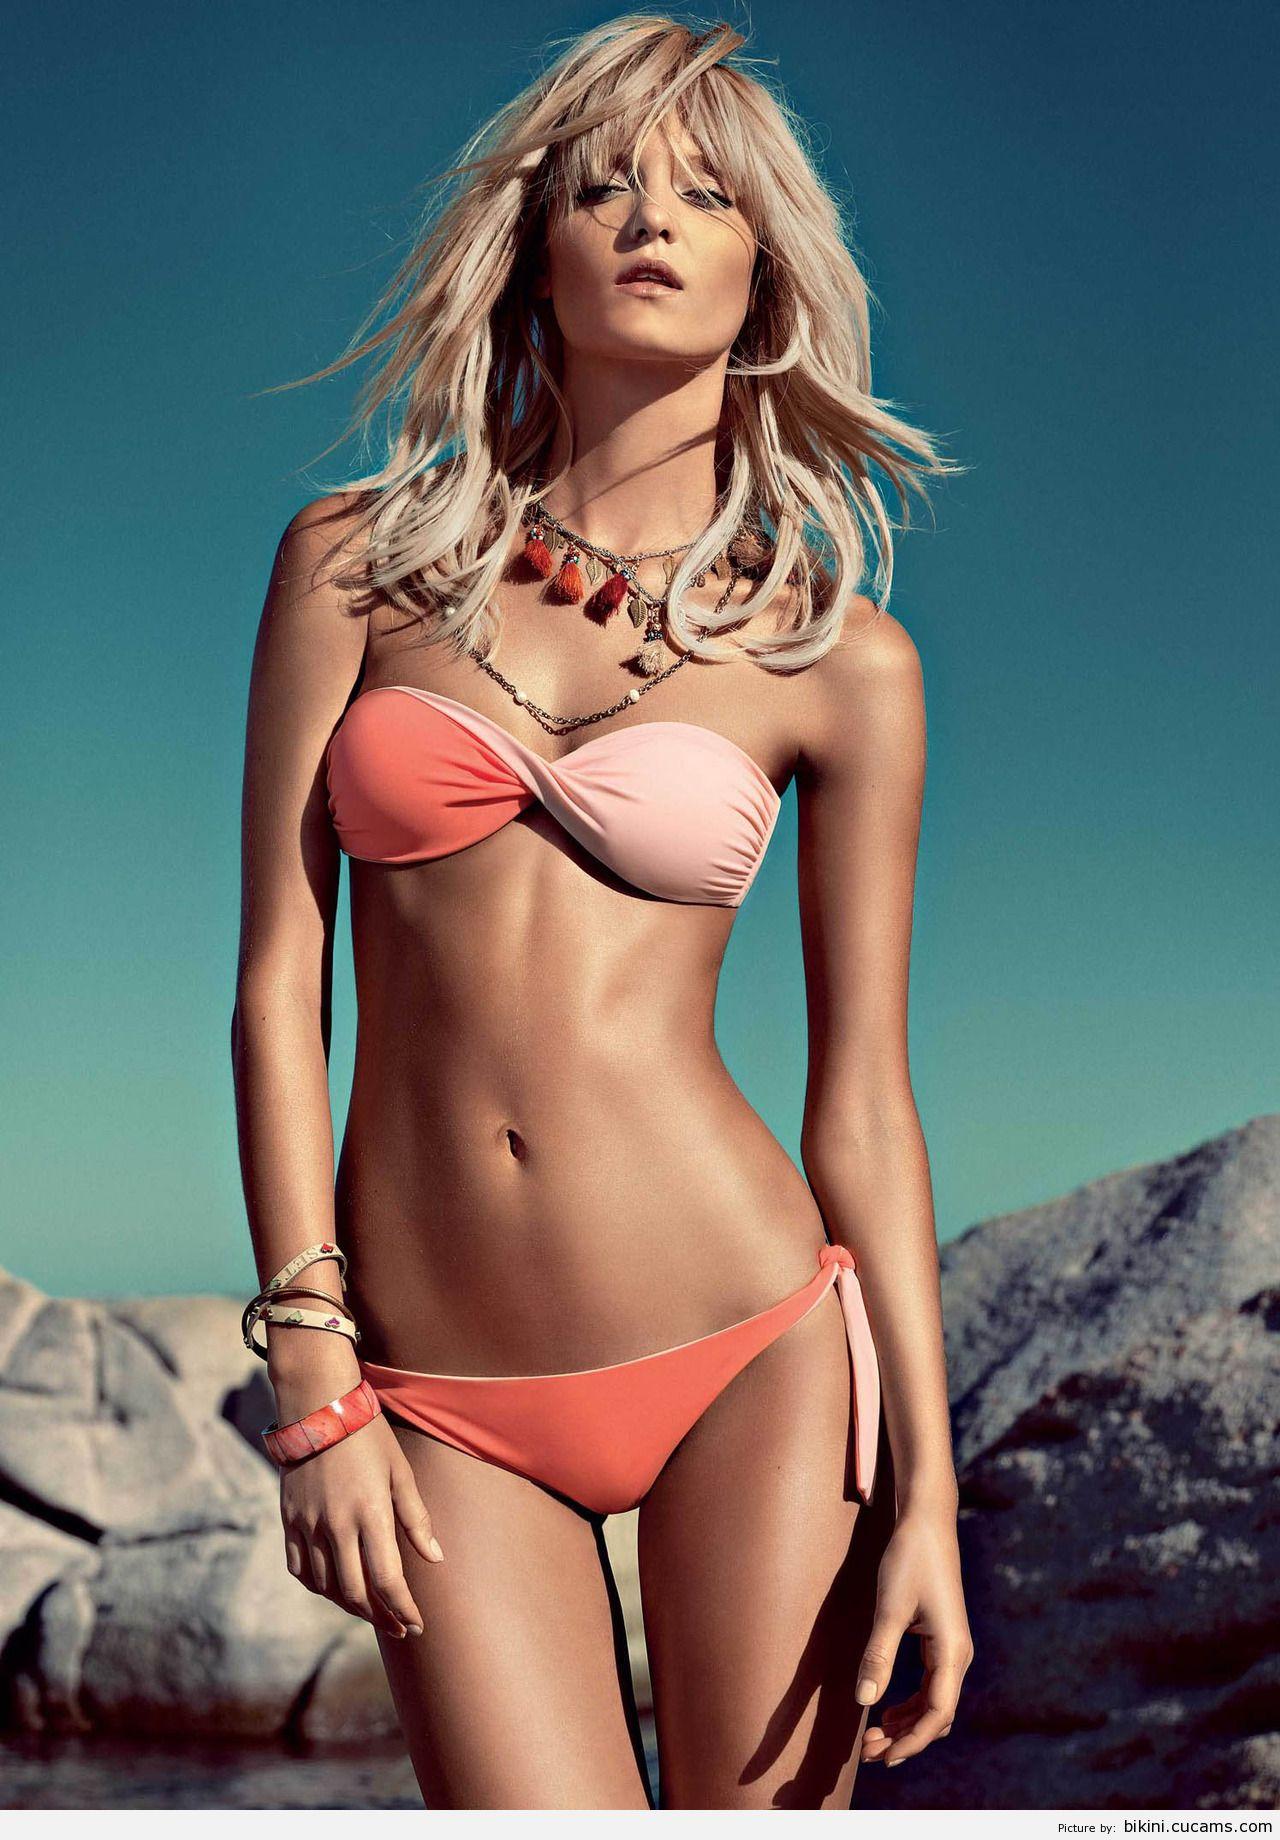 Bikini Erotic Threesome by bikini.cucams.com